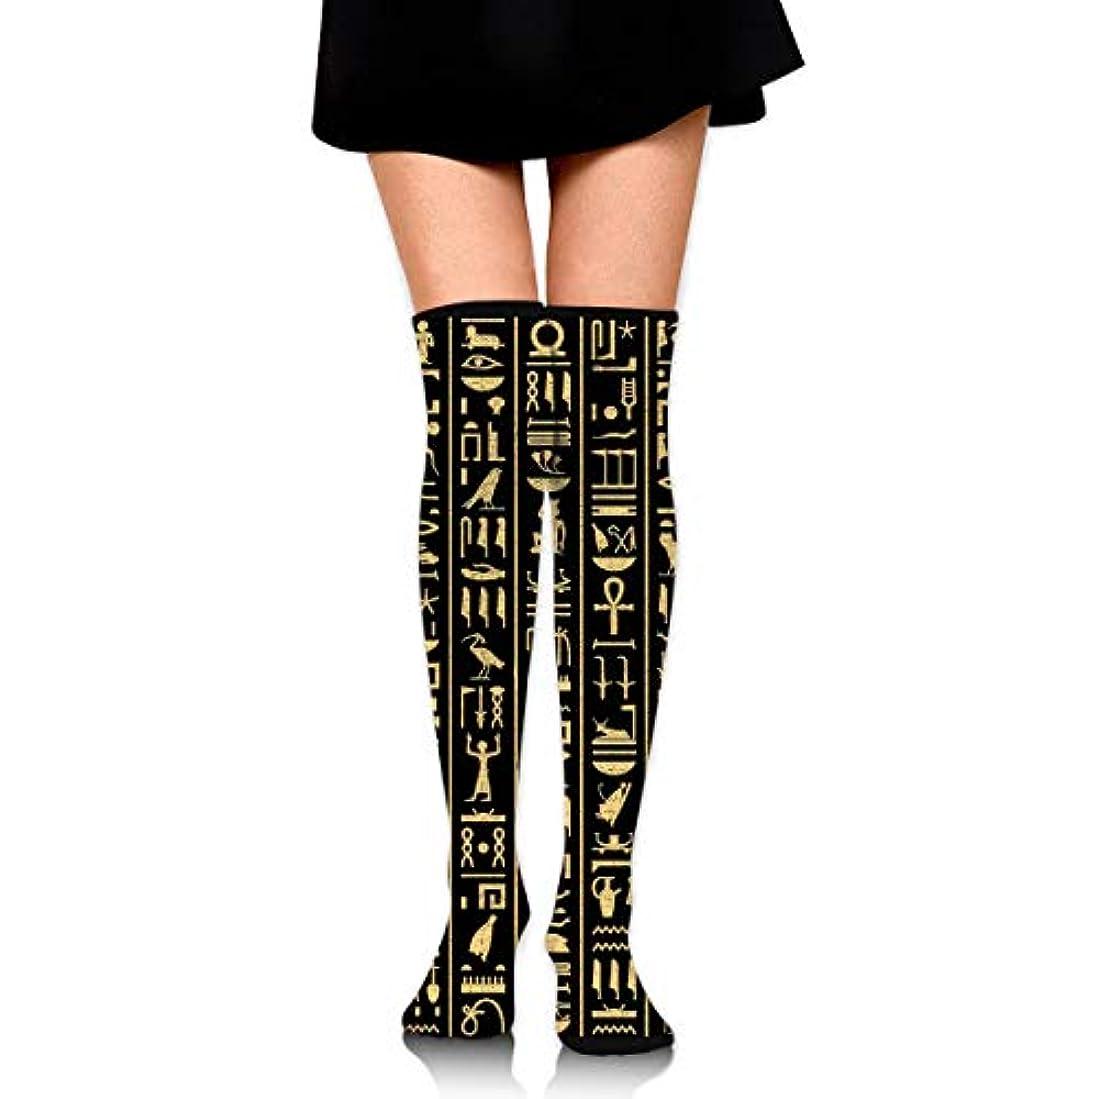 輸血破産余分なMKLOS 通気性 圧縮ソックス Breathable Extra Long Cotton Thigh High Ancient Symbol Socks Over Exotic Psychedelic Print Compression...